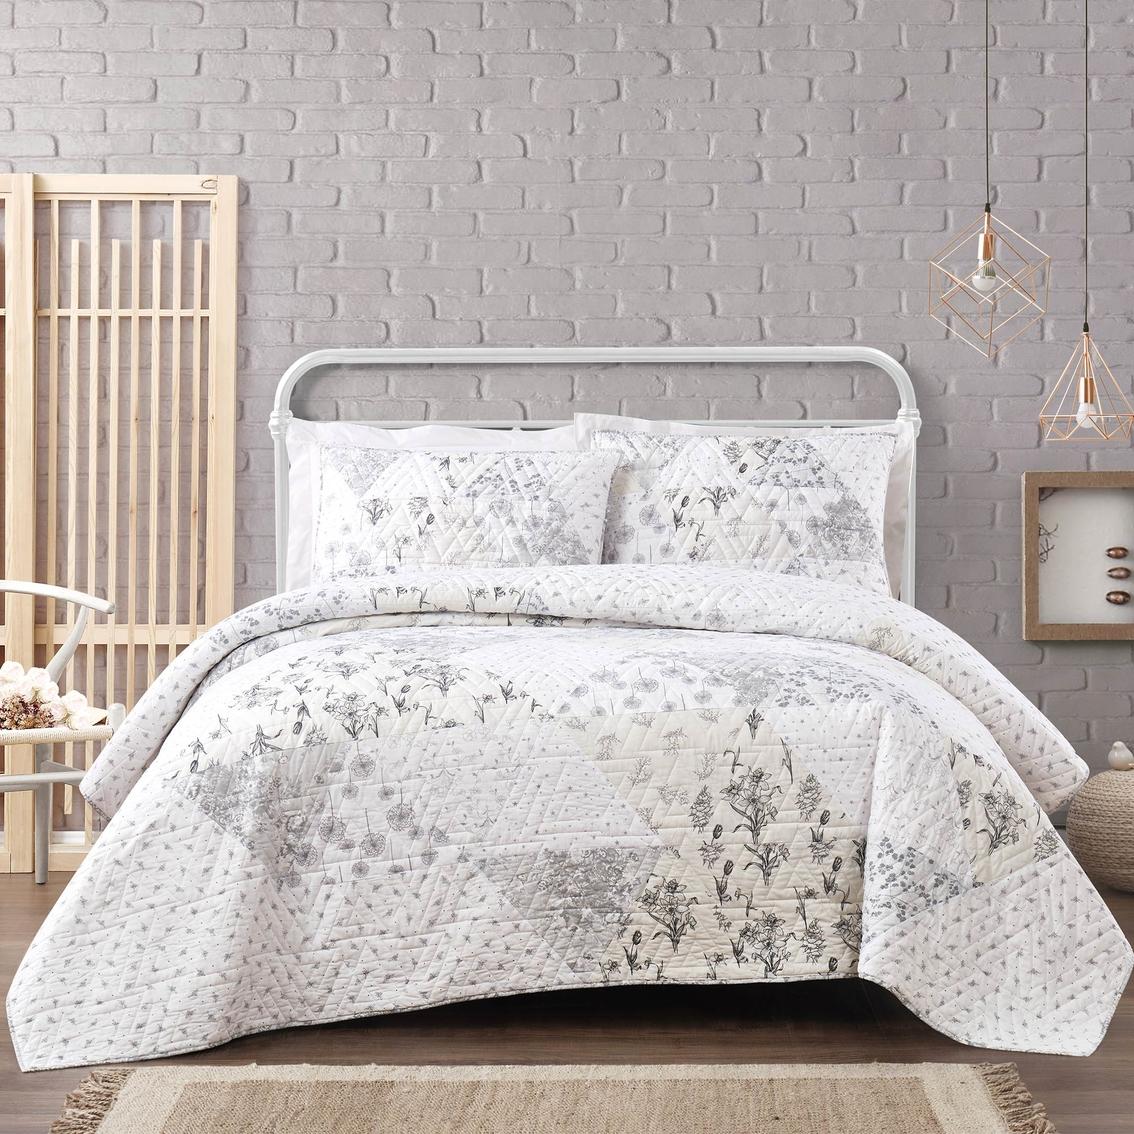 Cottage Classics Kamala Floral Cotton 3 Pc Quilt Set Bedding Sets Household Shop The Exchange